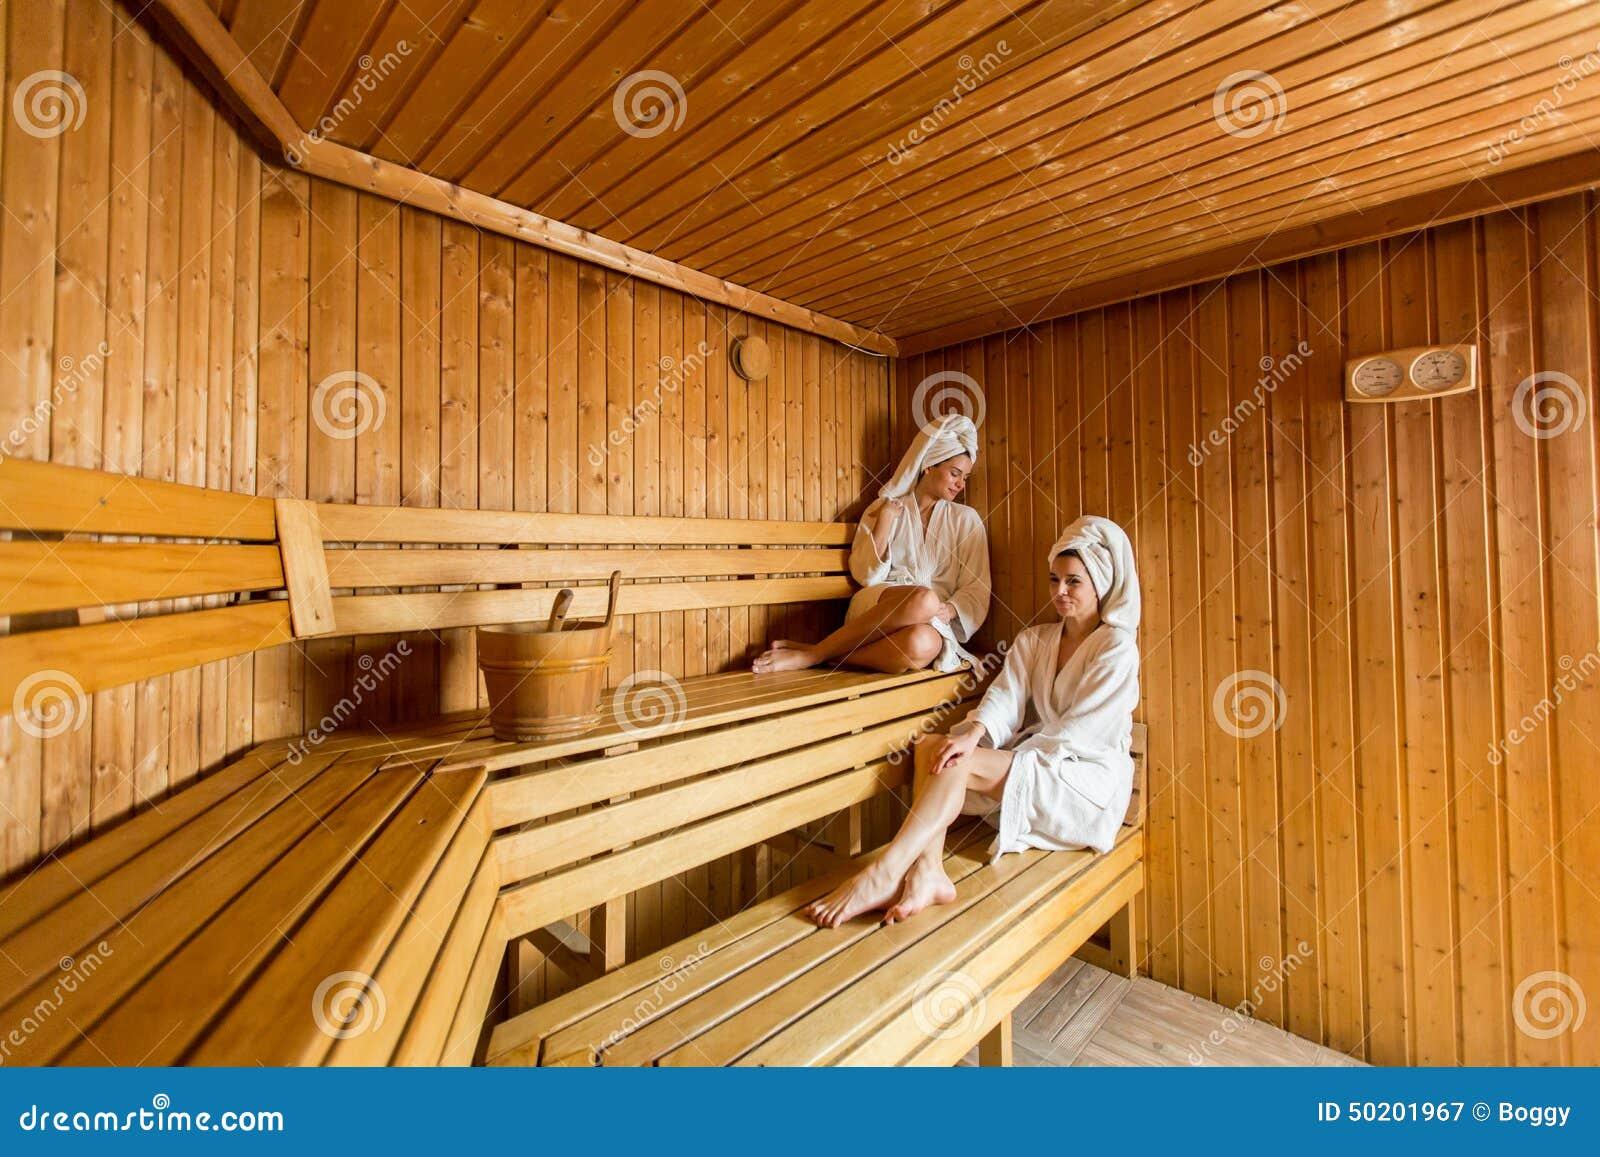 Chicas desnudas en saunas pics 66